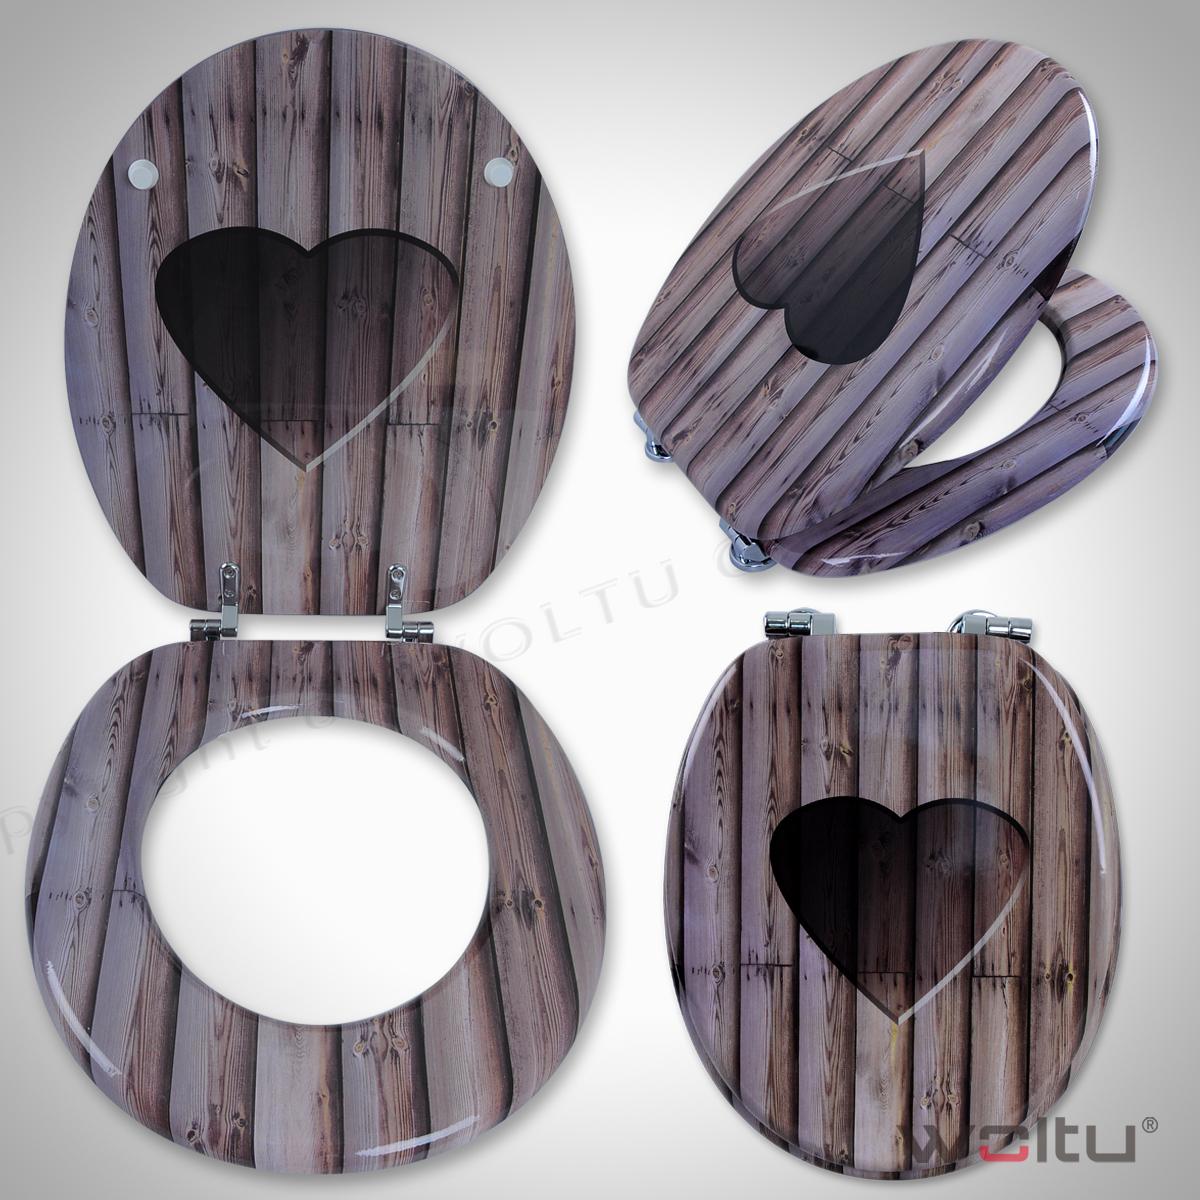 toilettensitz klodeckel wc sitz brille deckel toilettendeckel sitze schwarz 163. Black Bedroom Furniture Sets. Home Design Ideas